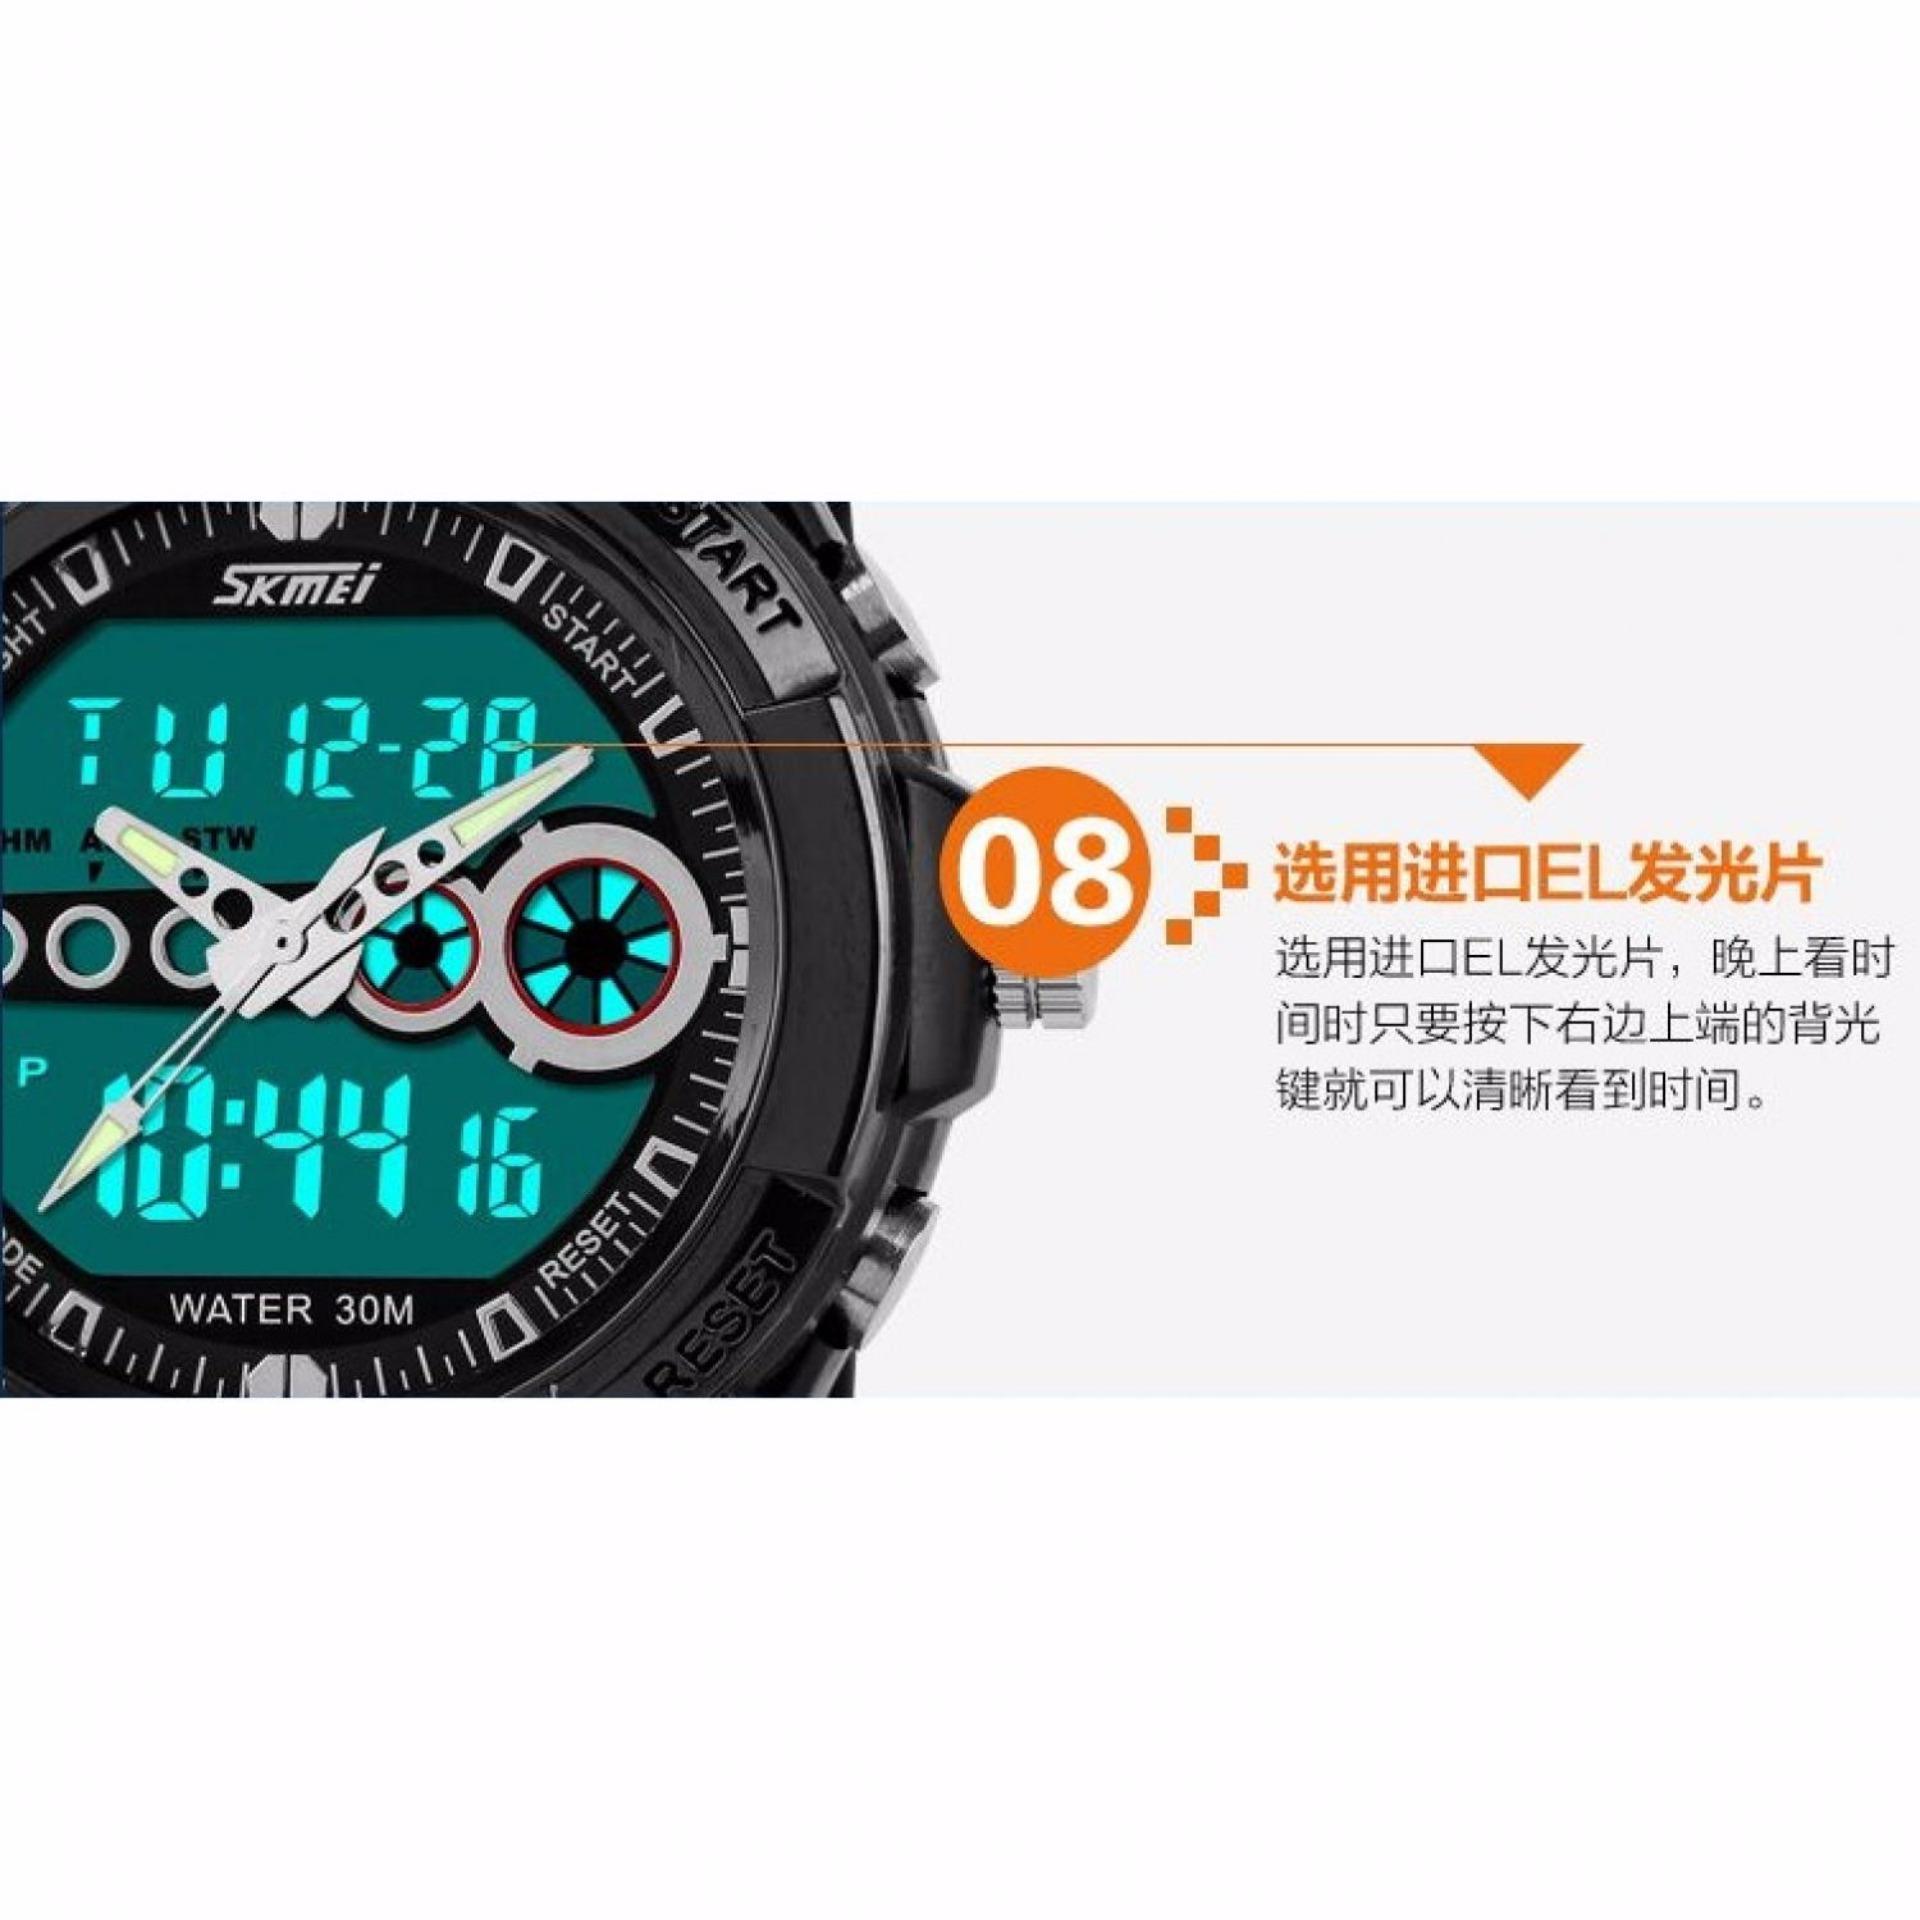 Skmei Casio Man Sport Led Watch Water Resistant 30m Ad1171 Rose Gold Jam Tangan Pria Casual Men 1208 Ad0942 Keren Hitam